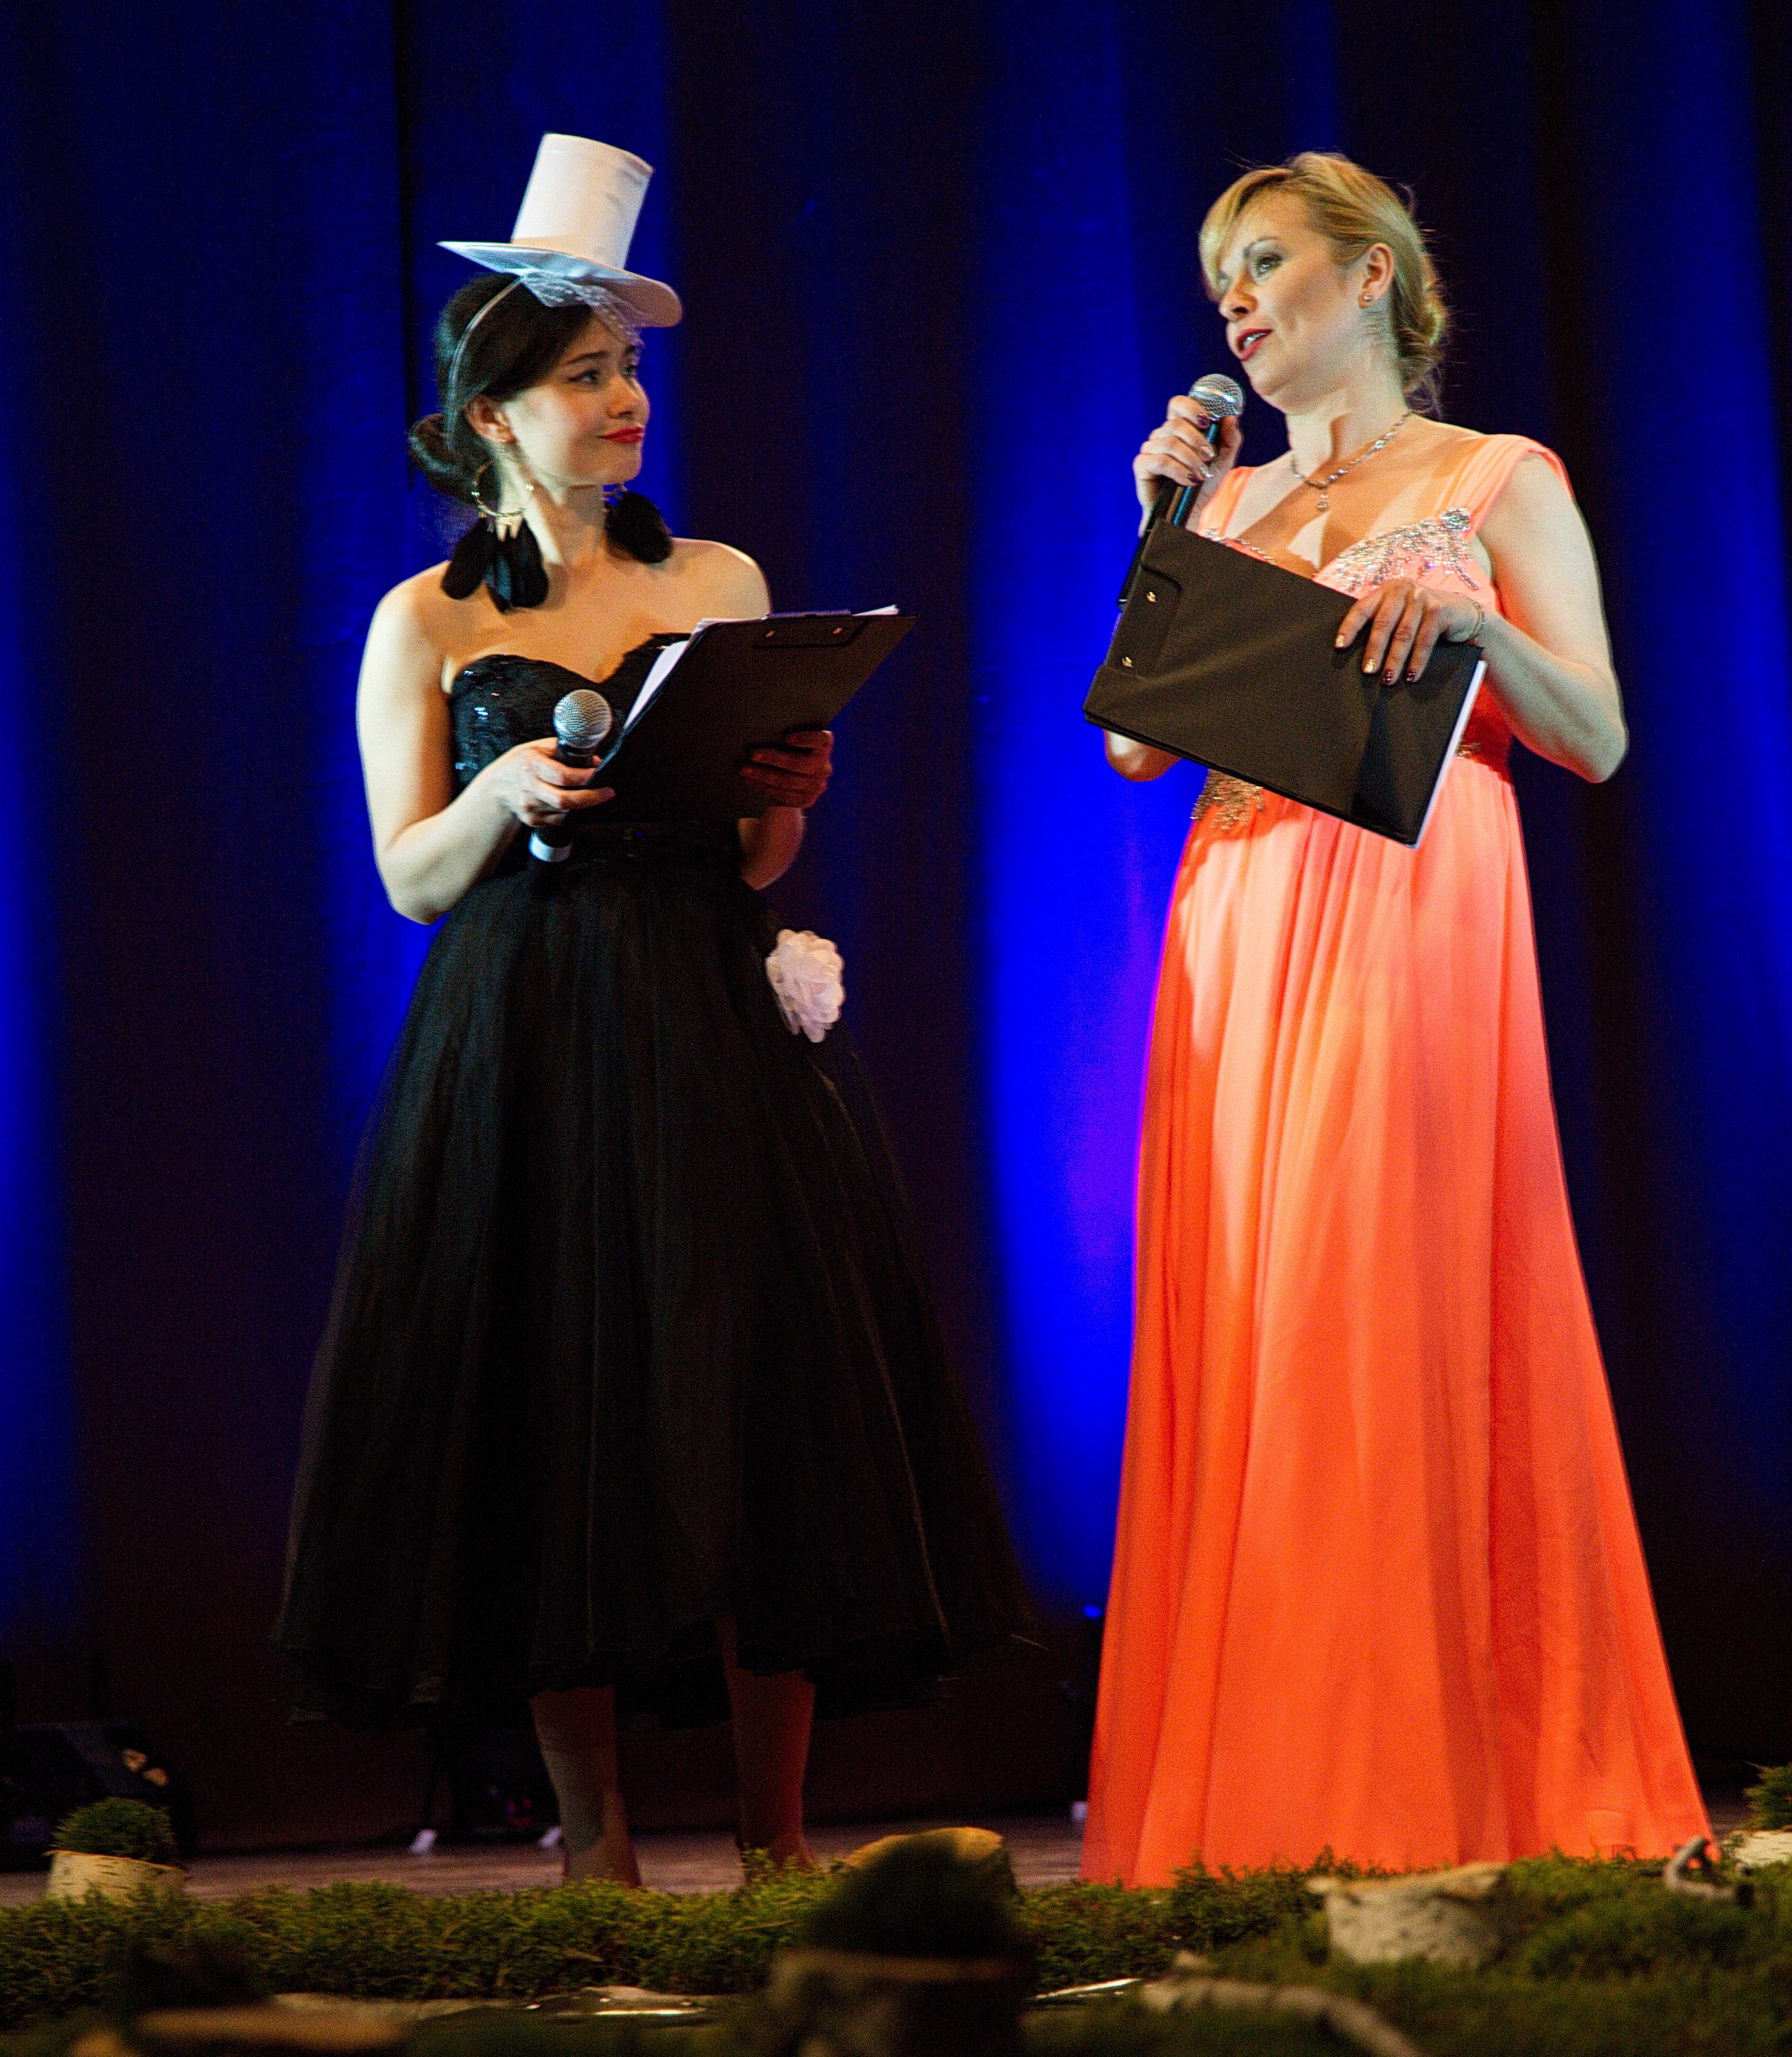 бланк заявки на фестиваль-конкурс юные каннские звёзды